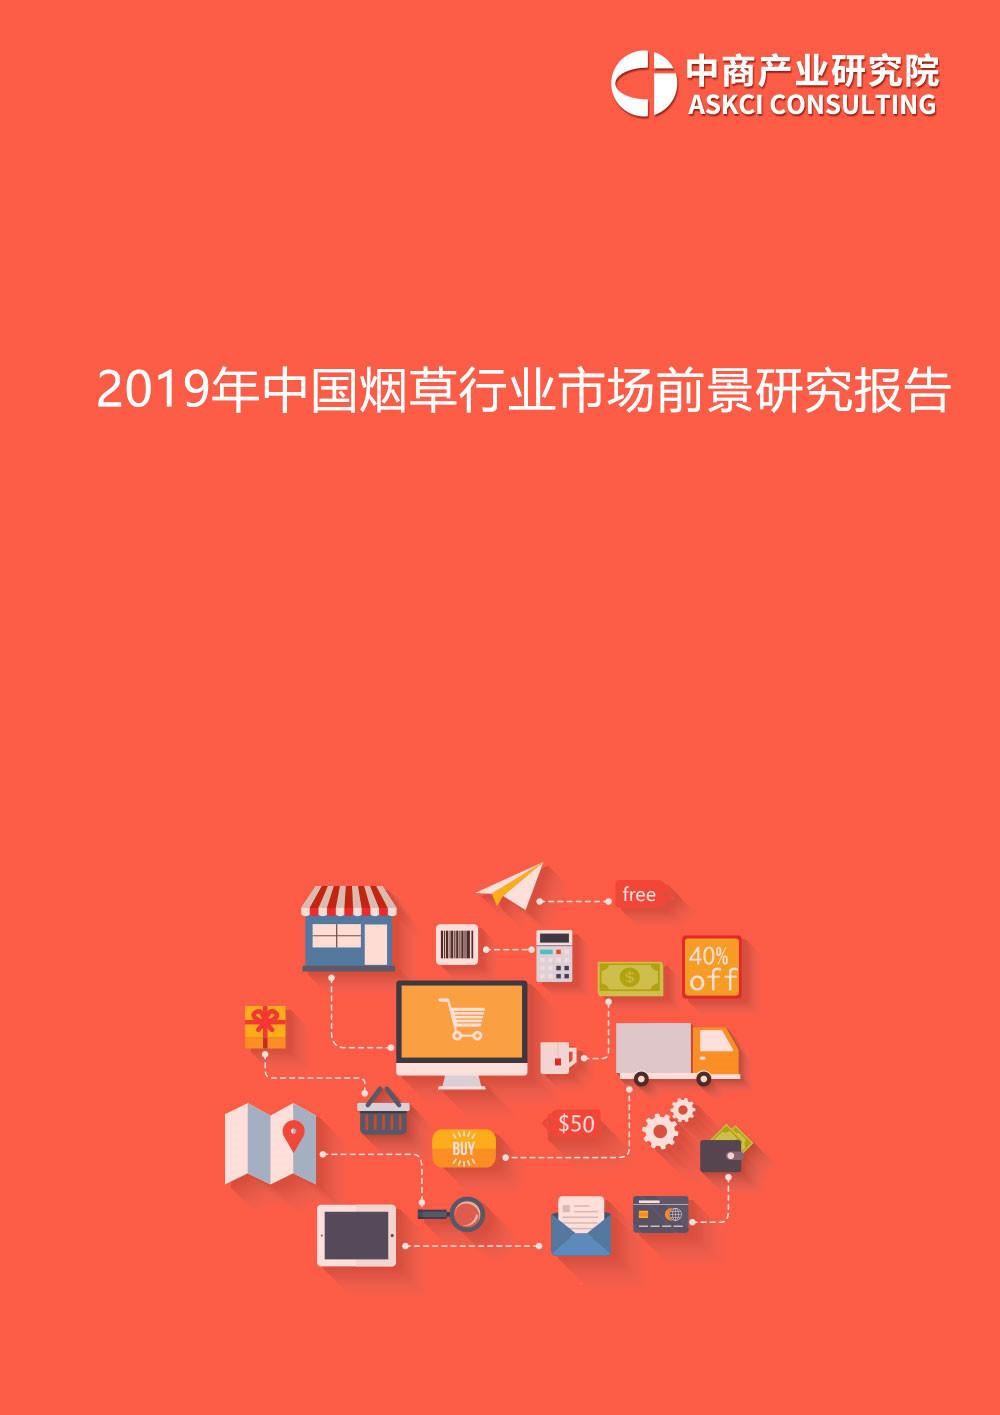 2019年中国烟草行业市场前景研究报告